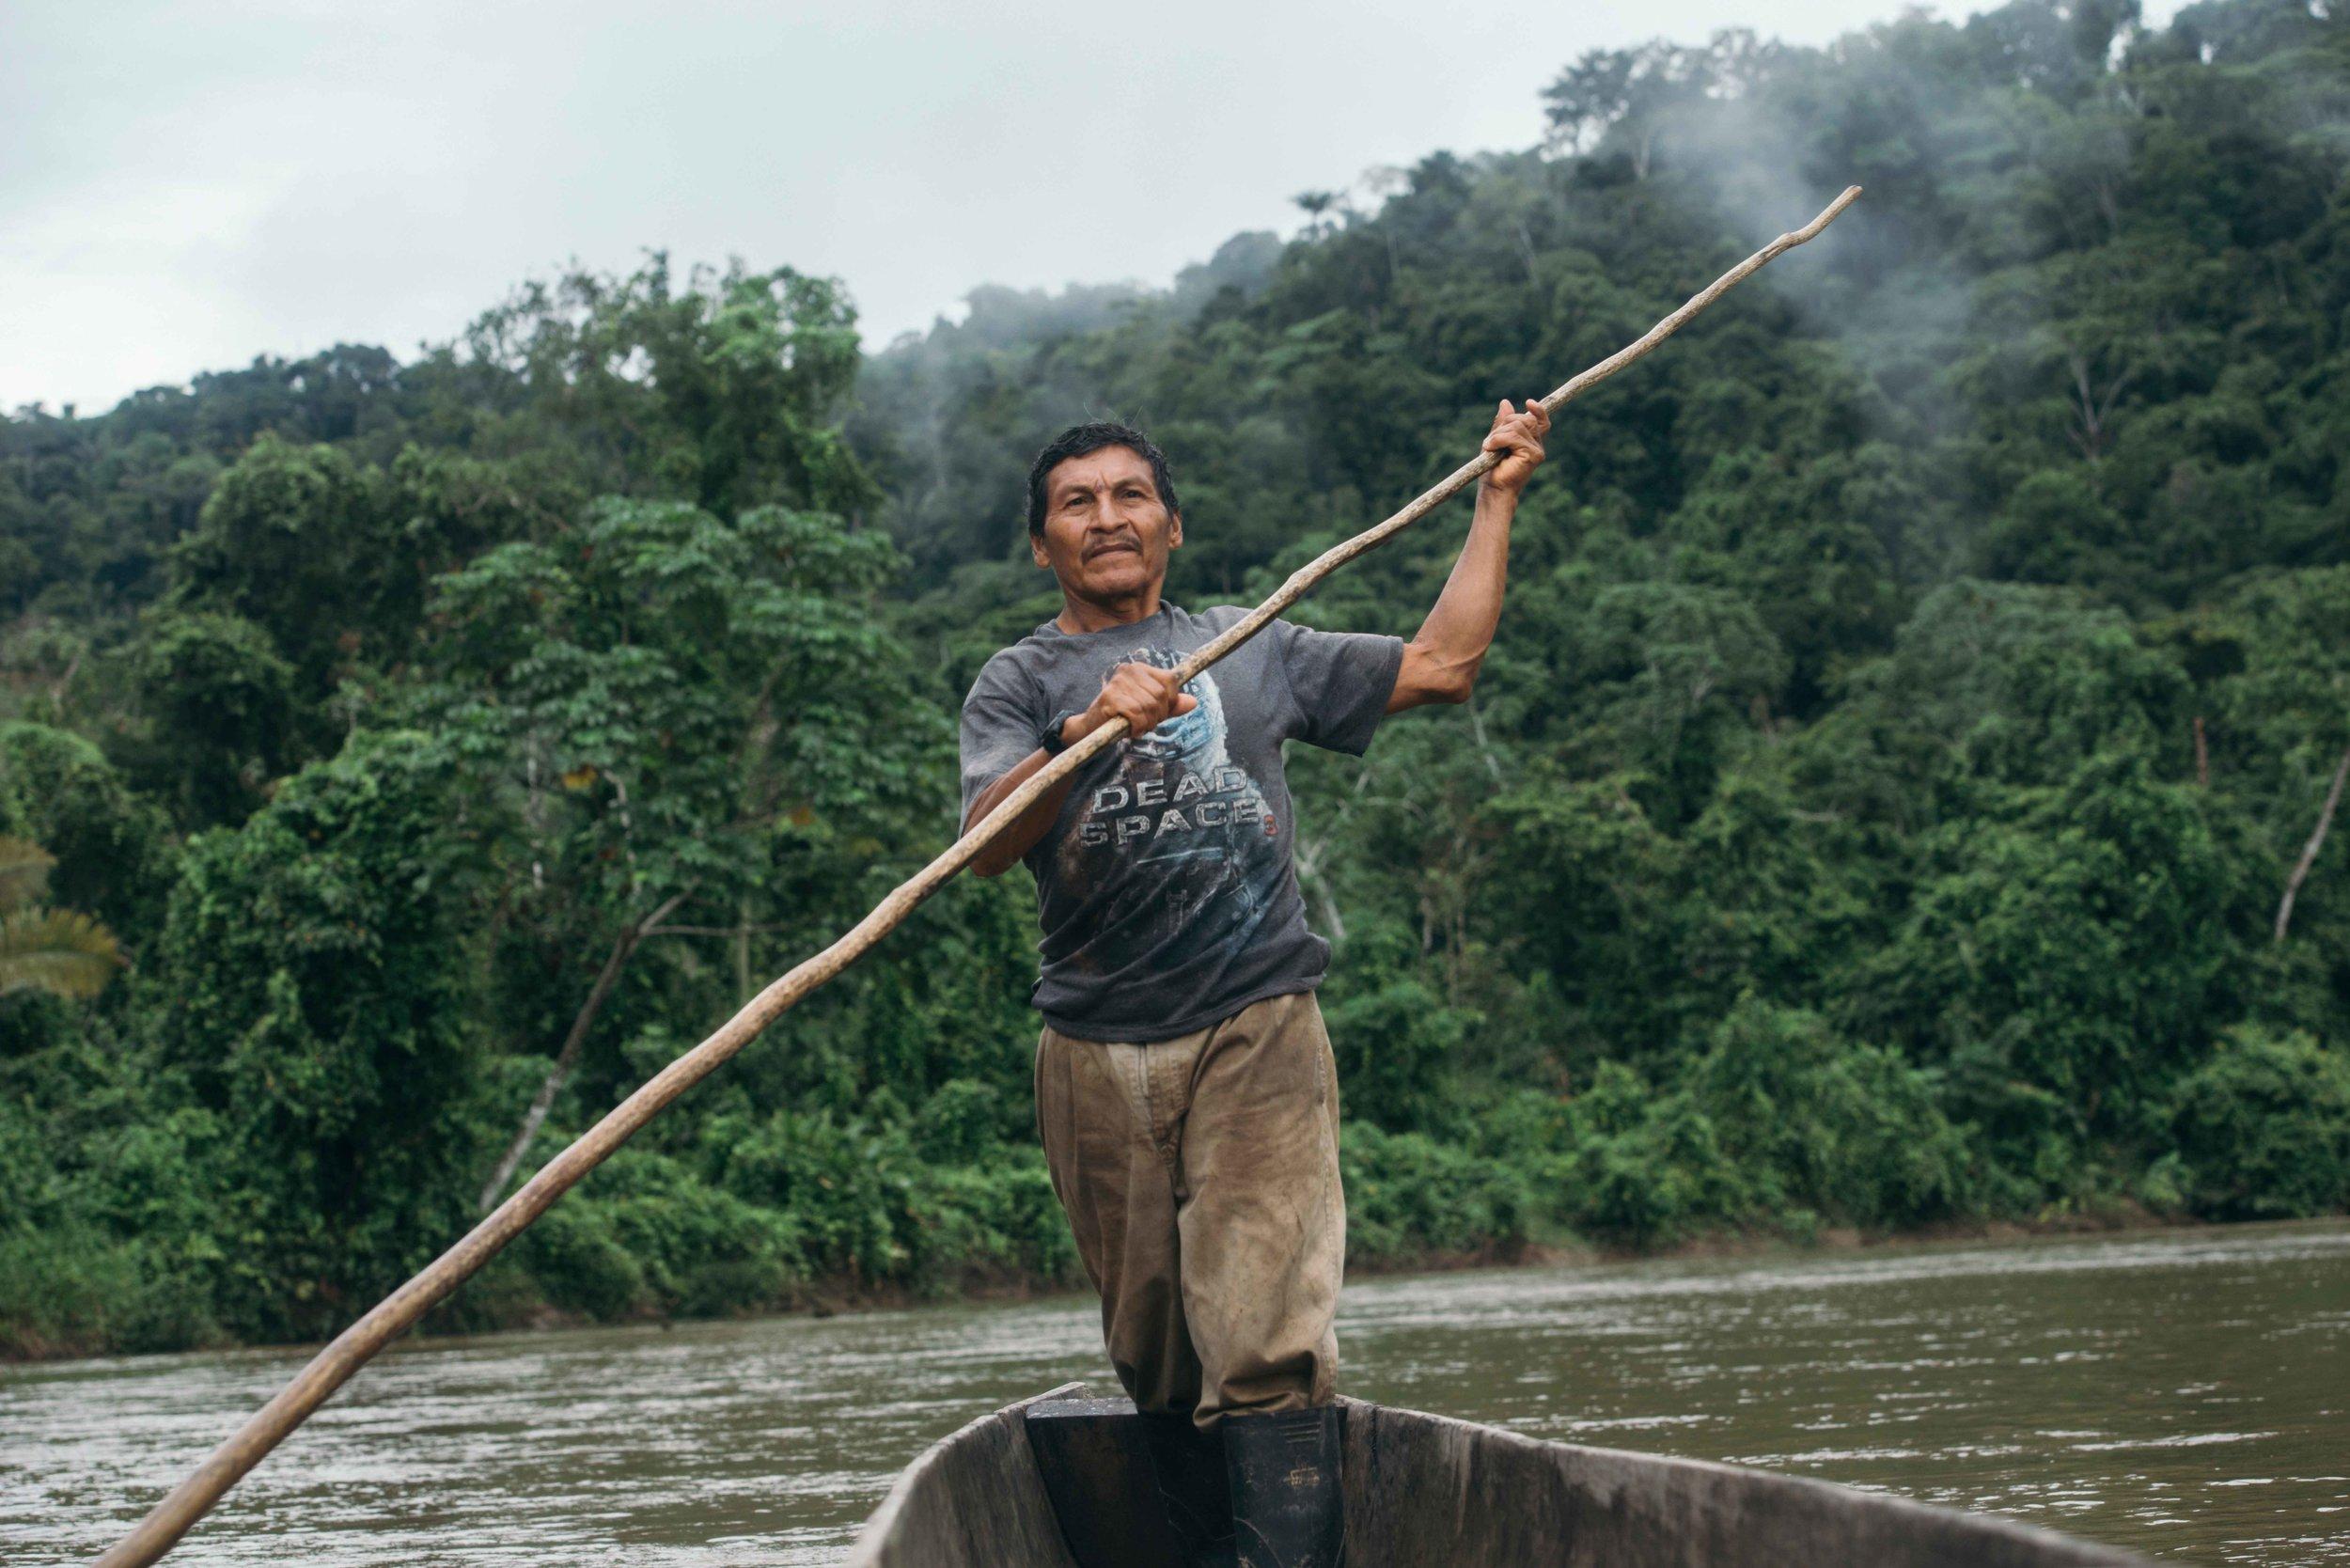 Ore in seinem Einbaumstammkanu beim Übersetzen zur anderen Flussseite.